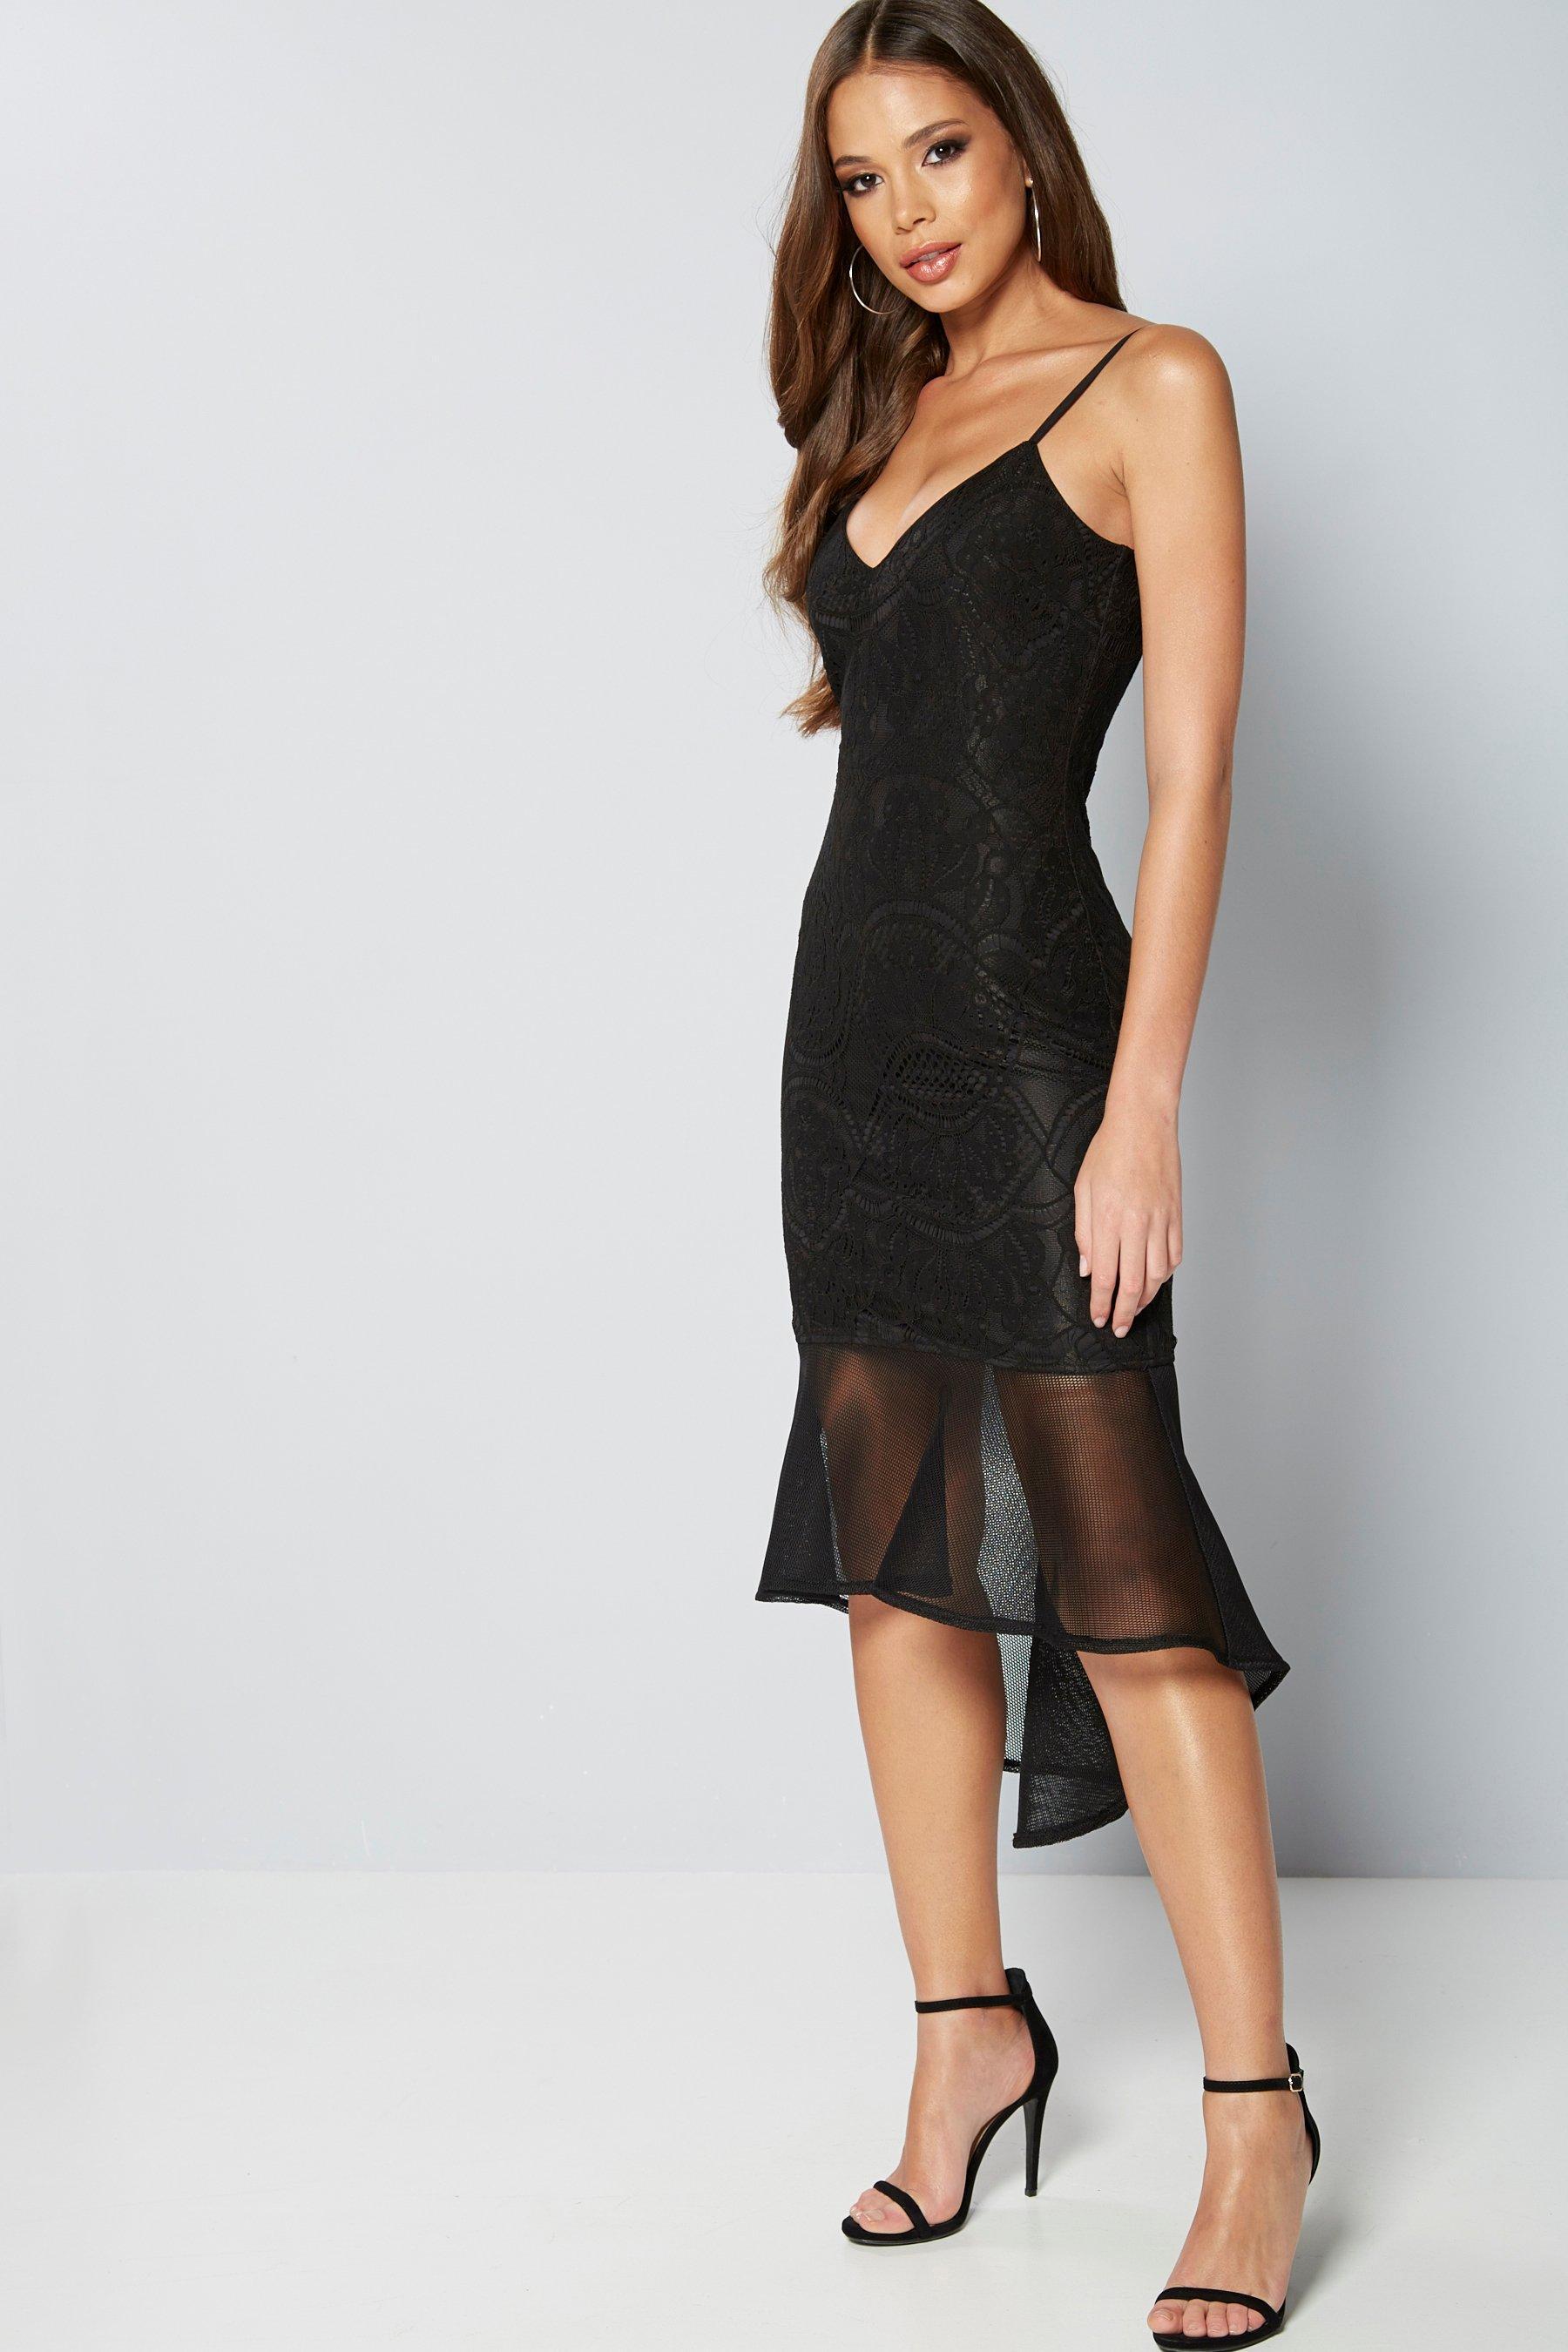 Brave Black Velvet Shimmer Dress Not Worn Age 14-15 Years